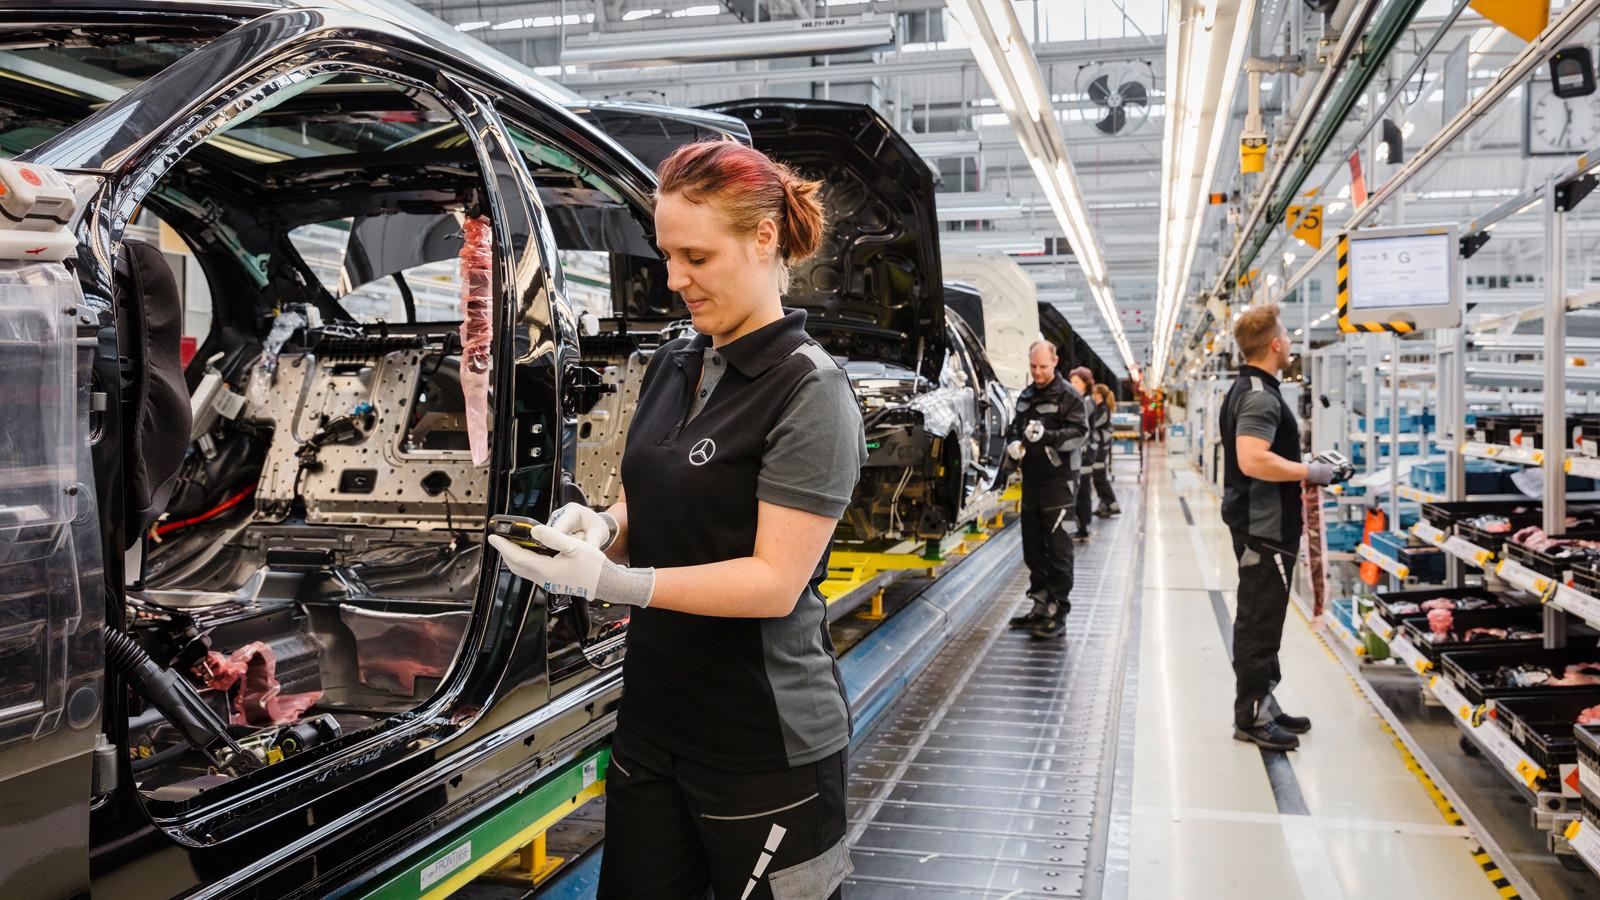 Медведев: Mercedes адекватно оценивает инвестиционную привлекательность Подмосковья